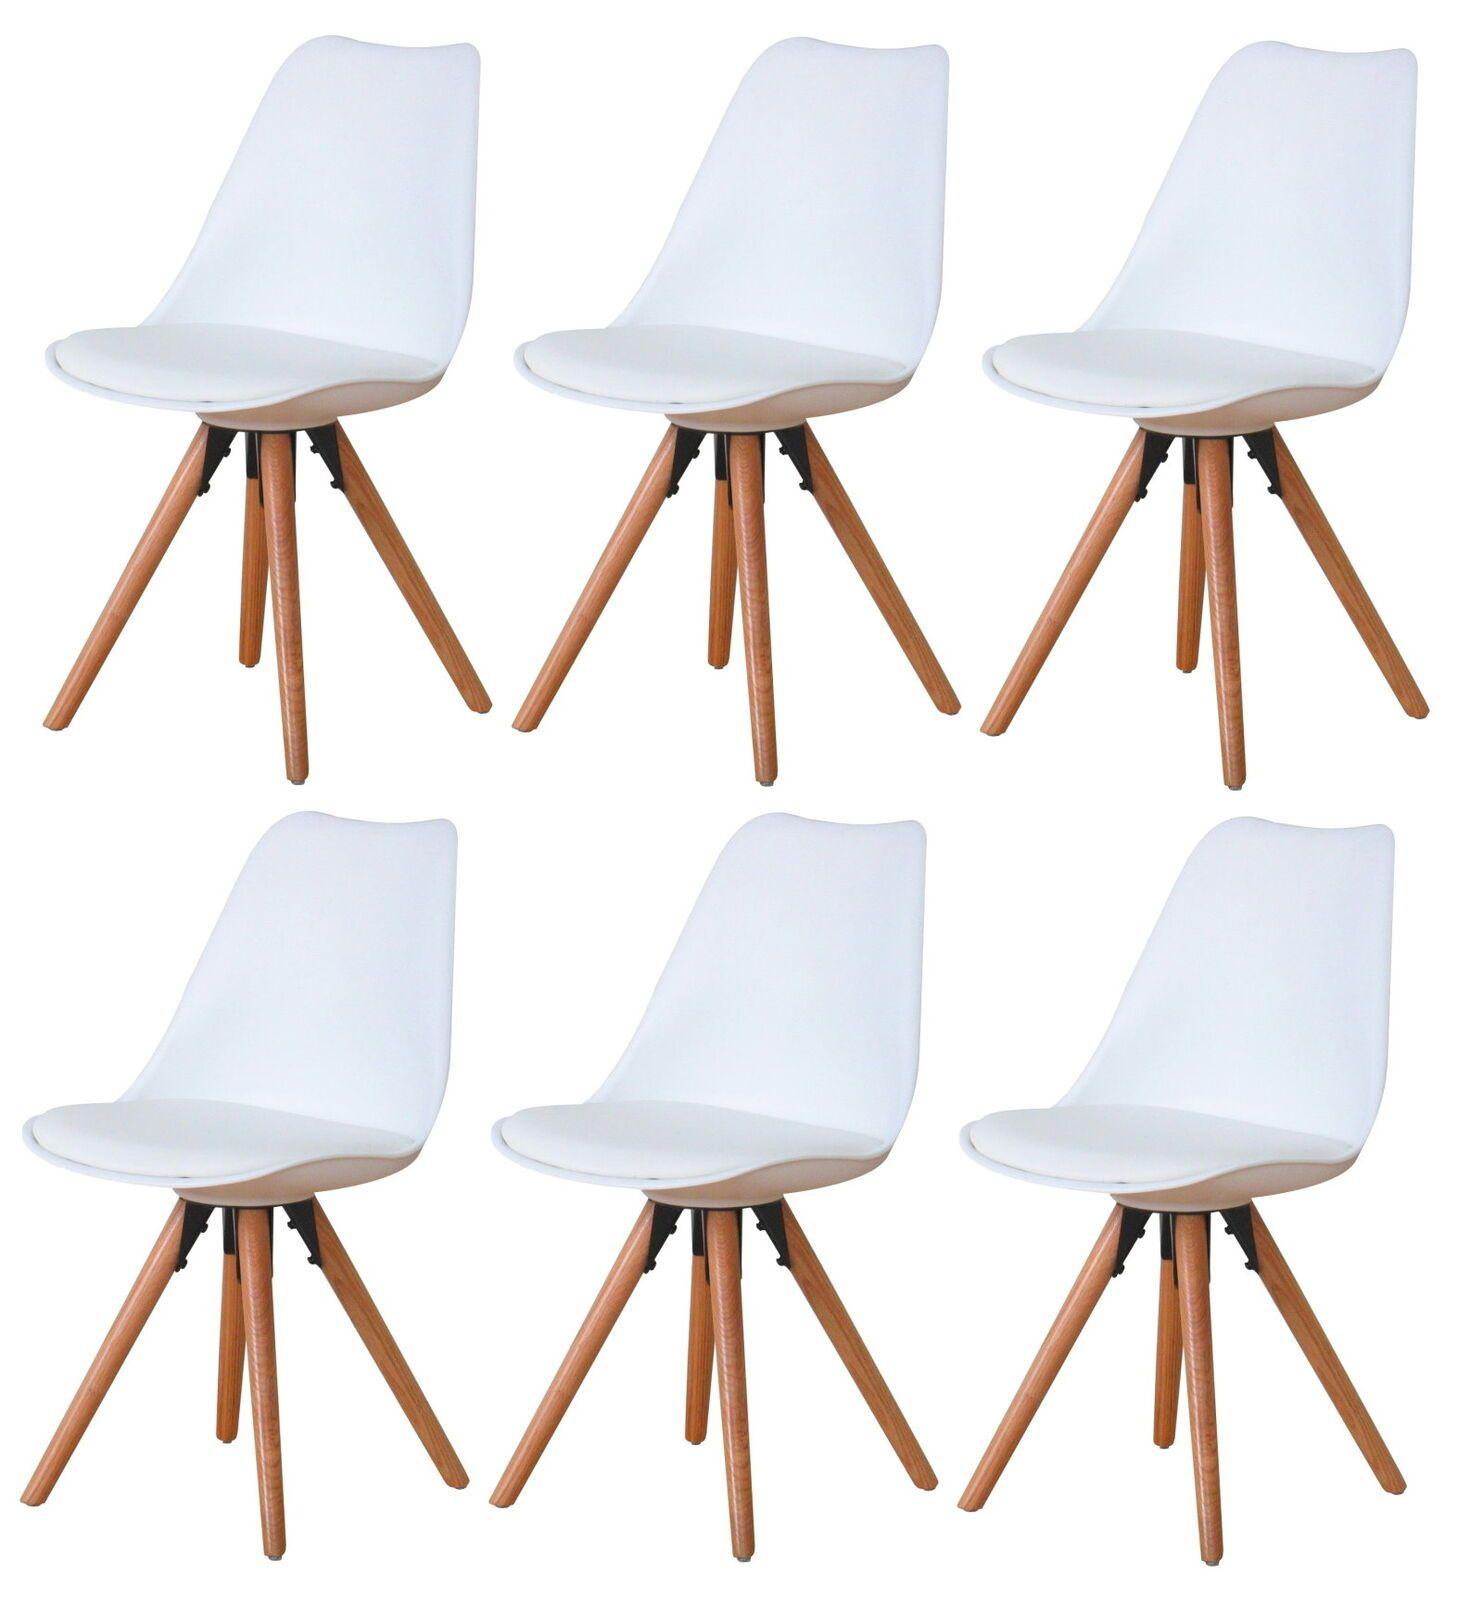 6er Set Esszimmerstuhl Nelle Kuchenstuhl Esszimmer Kuche Stuhl Stuhle Eiche Weiss In 2020 Esszimmerstuhl Stuhl Eiche Esstisch Holz